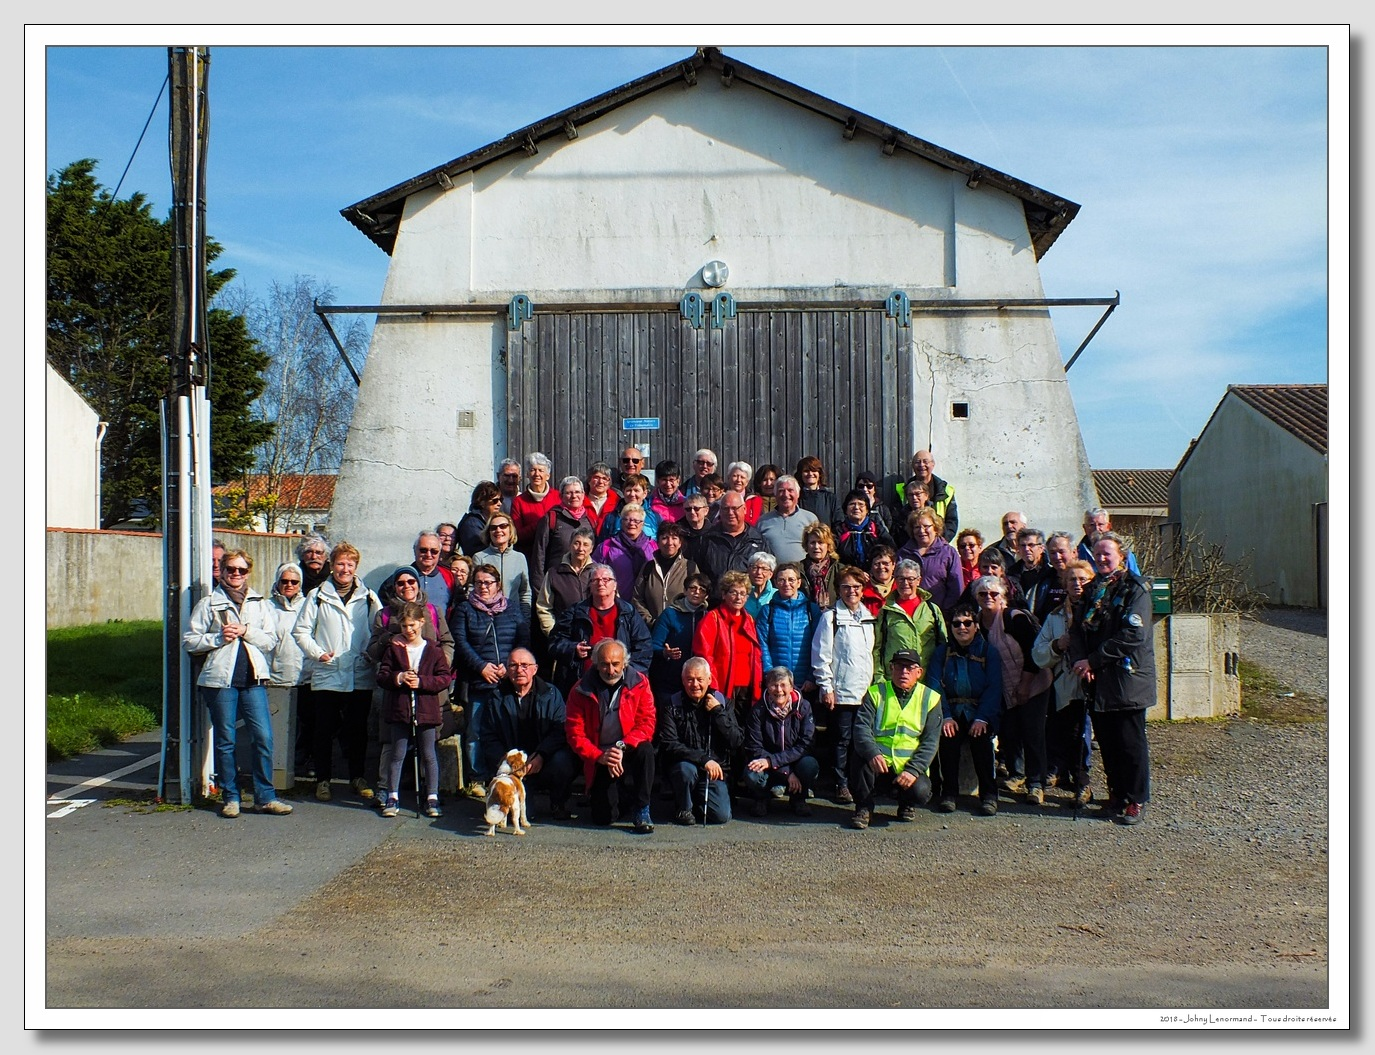 Club des randonnées talmondaises devant la salorge de la Guittière à Talmont en Vendée